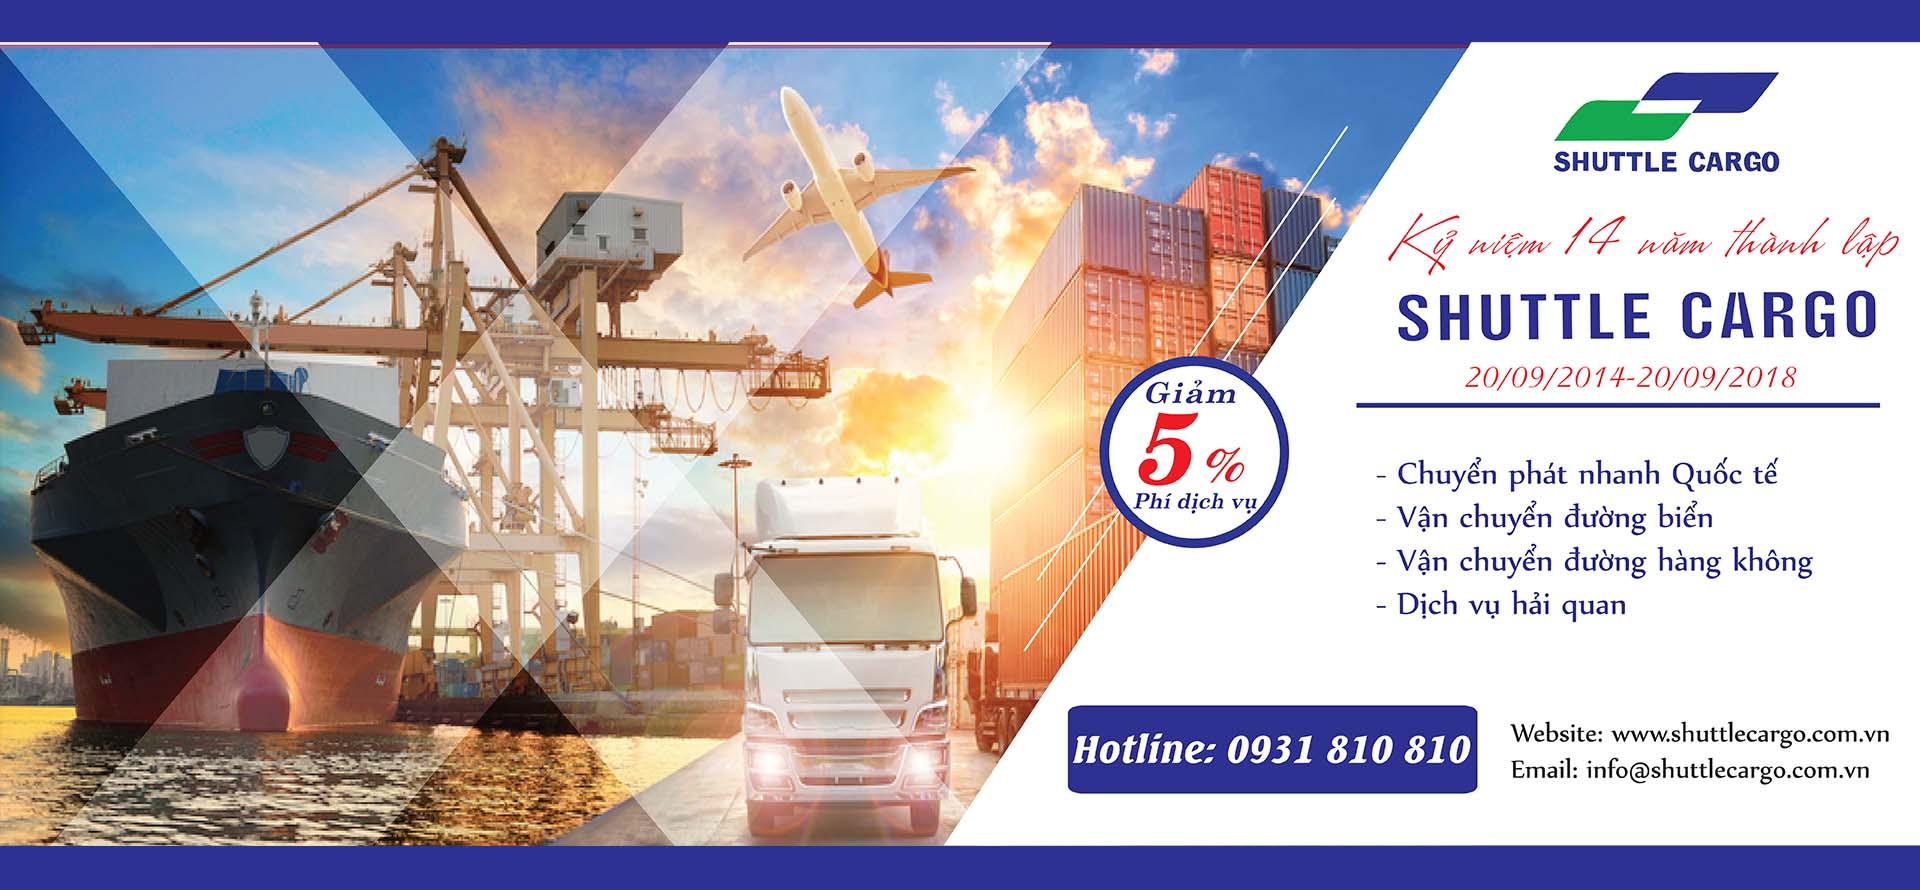 Kỷ niệm 14 năm thành lập công ty Shuttle Cargo